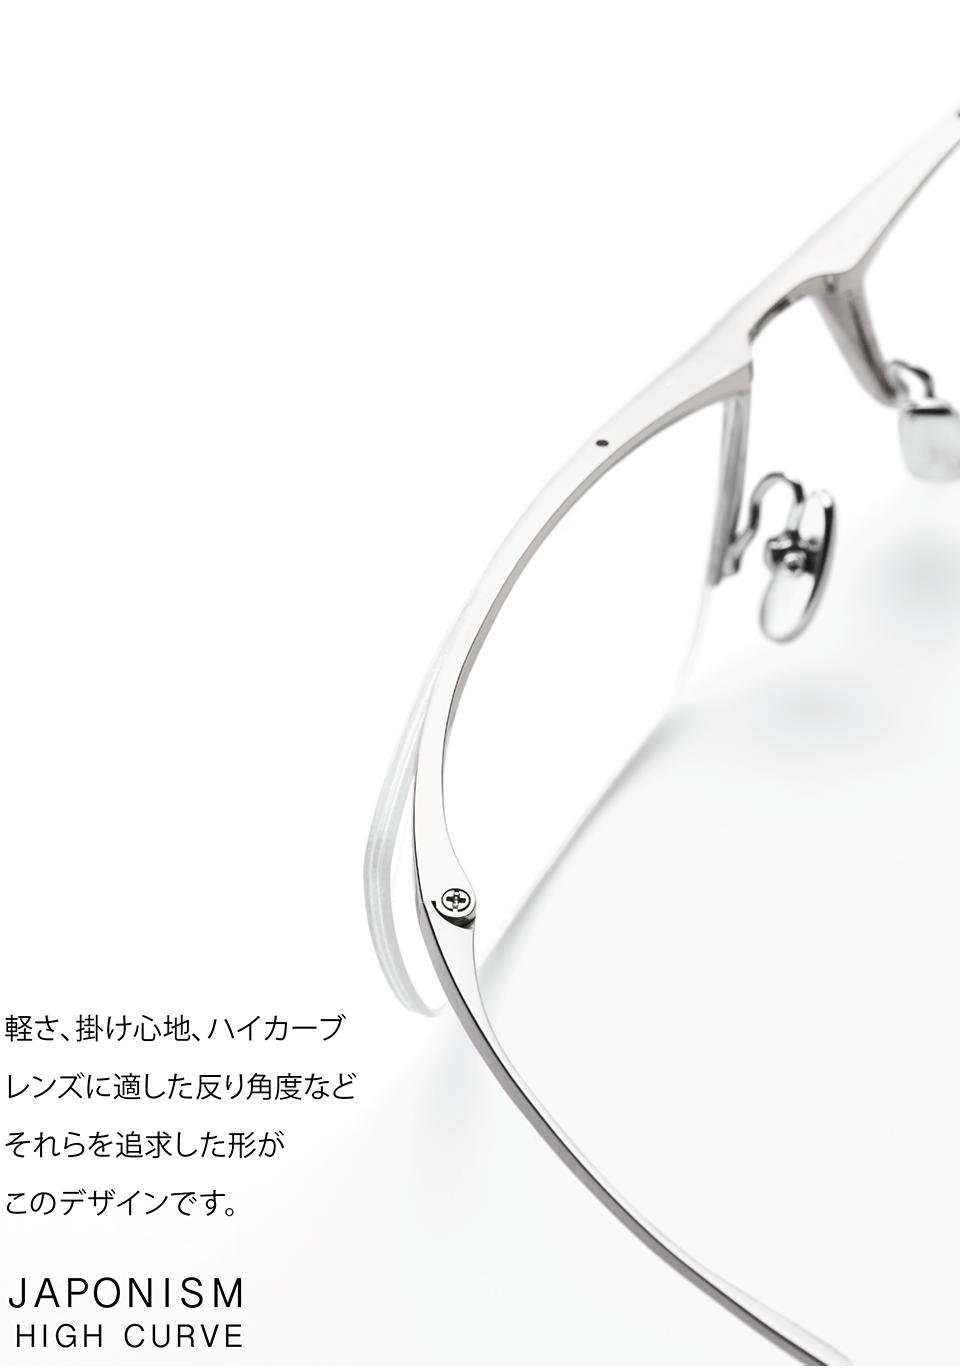 軽さ、掛け心地、ハイカーブ レンズに適した反り角度など それらを追求した形が このデザインです。